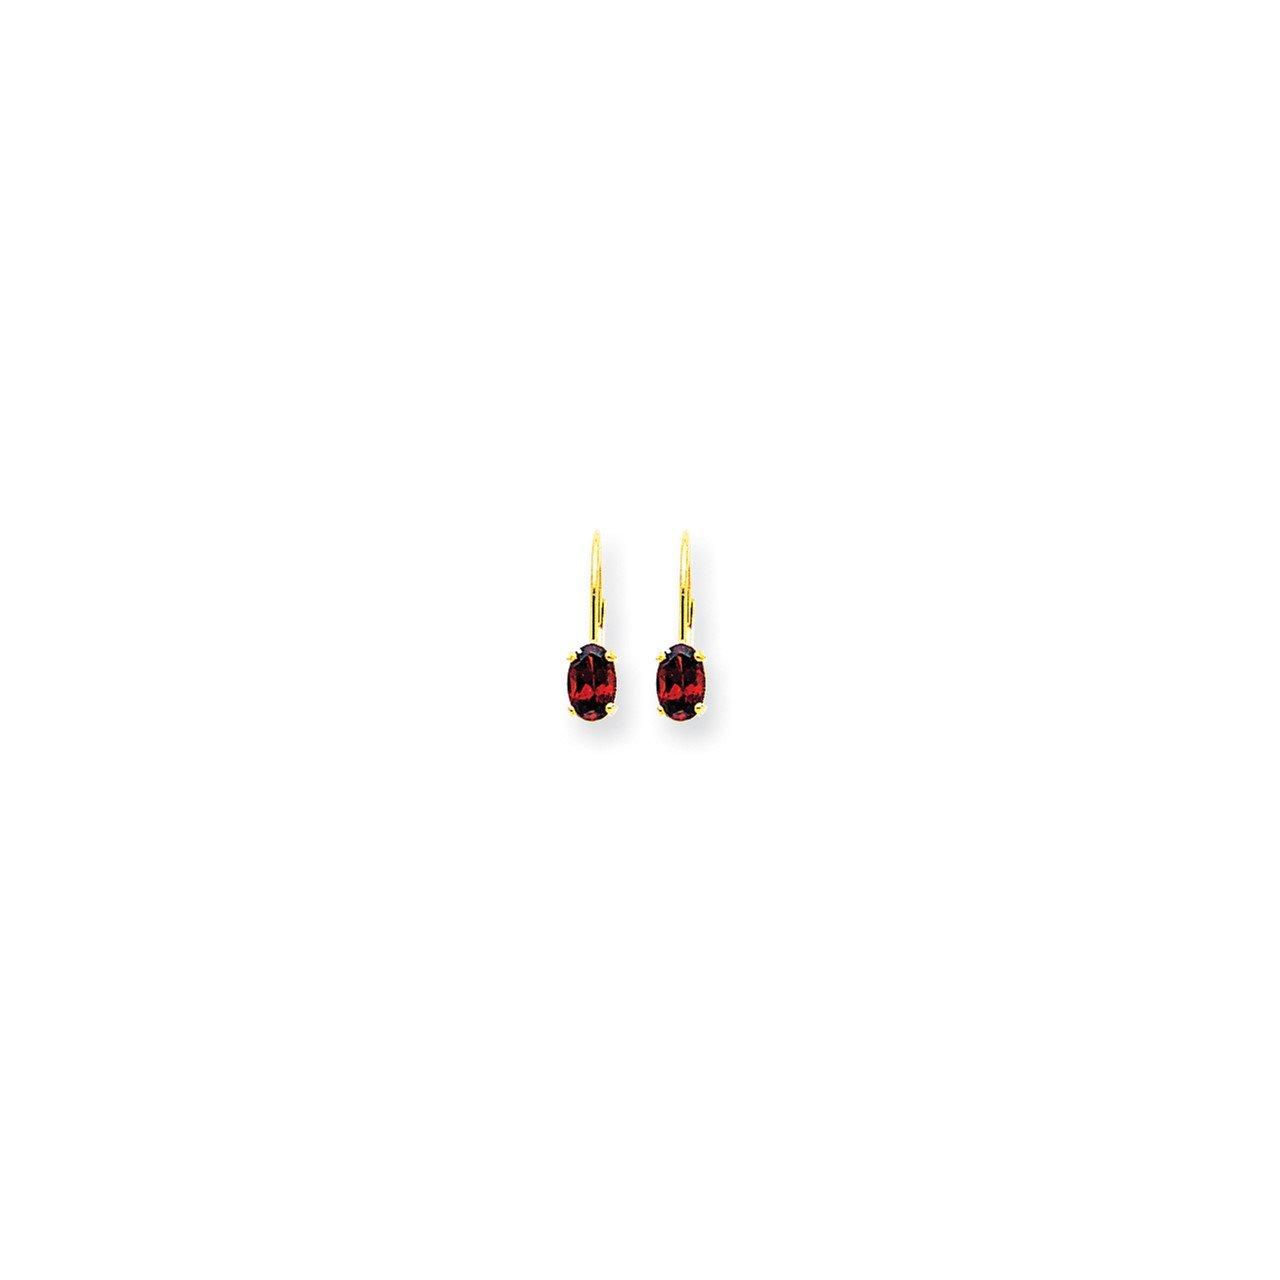 14k 6x4mm Oval Garnet Checker leverback earring